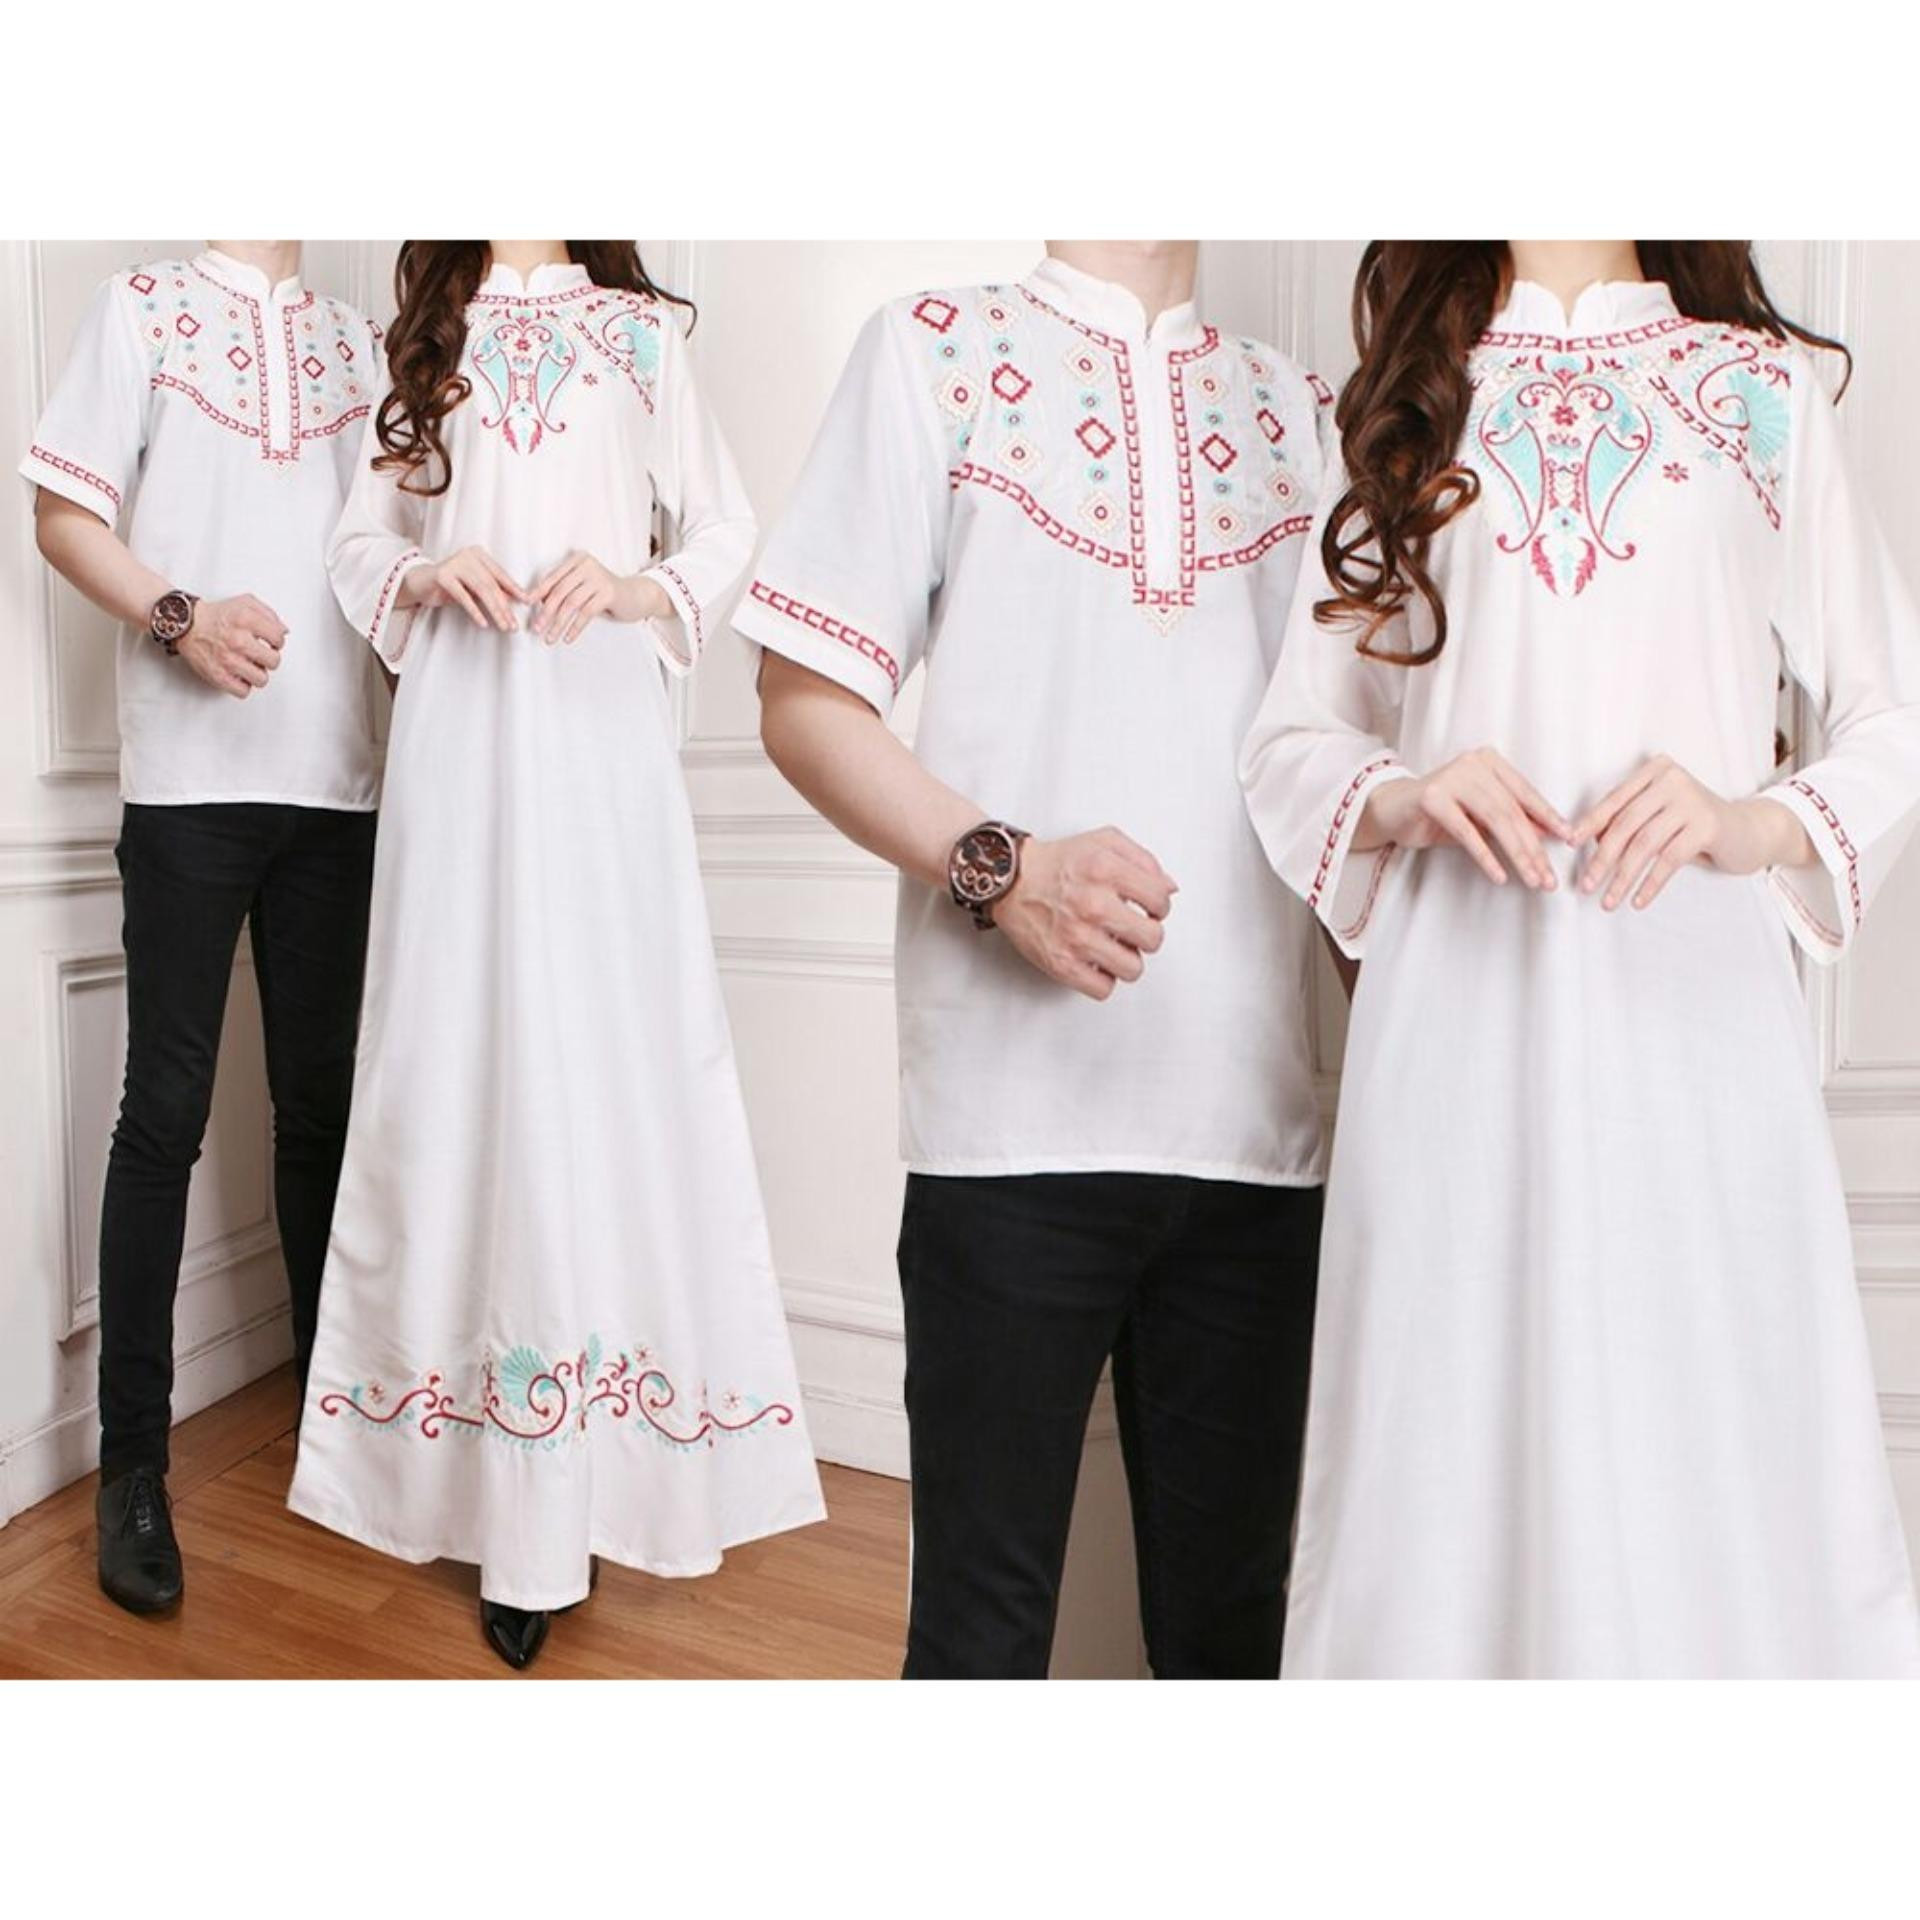 Flavia Store Baju Muslim Couple Bordir FS0296 - PUTIH / Sarimbit / Batik Pasangan / Sepasang Busana Syar'i / Kemeja Koko Pria Gaun Muslimah Gamis Syari Wanita / Srshakinah